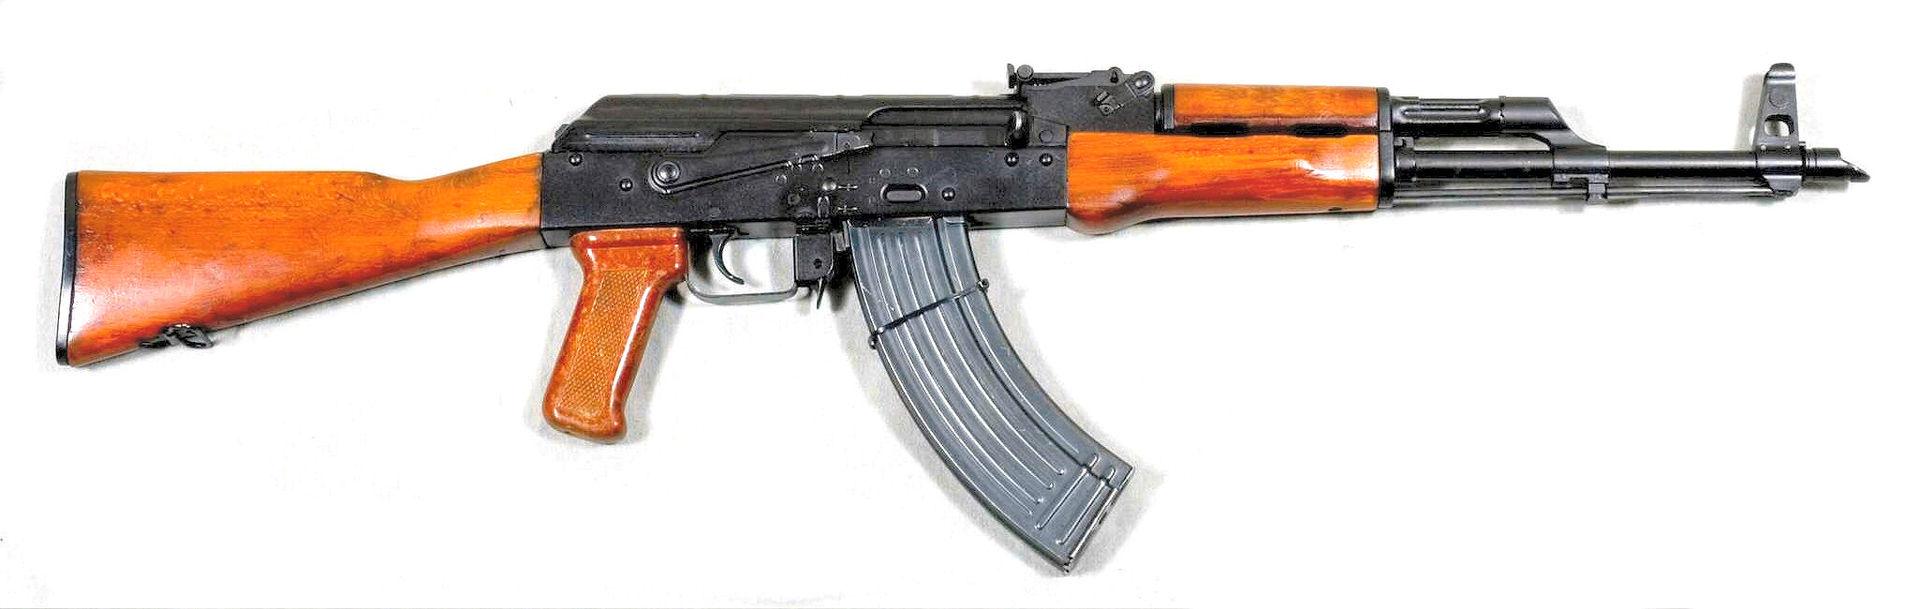 1920px-AKM_automatkarbin_-_7%2C62x39mm.j